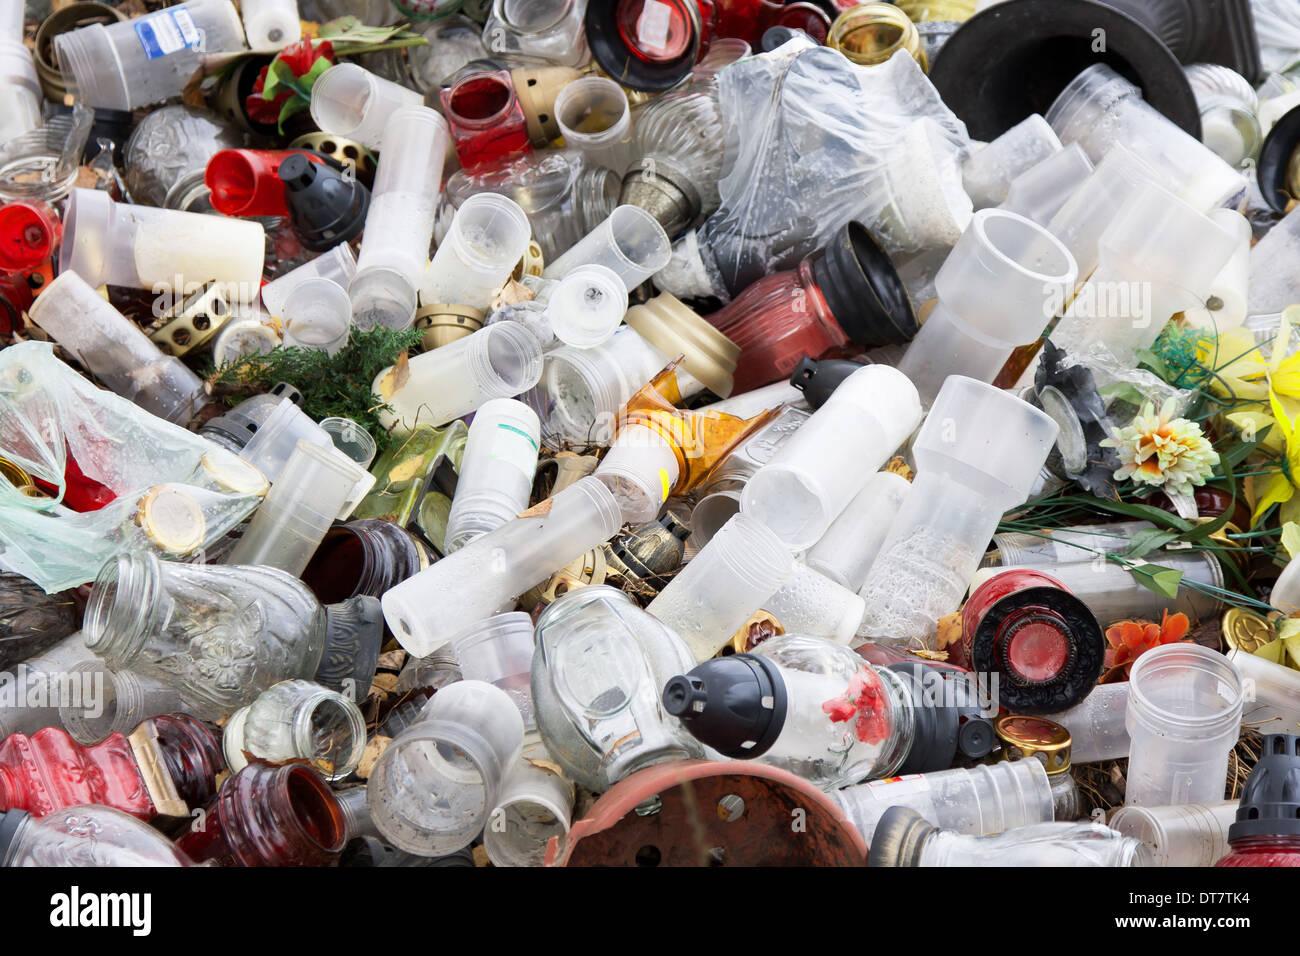 Les déchets de plastique et de verre sur les alentours Photo Stock